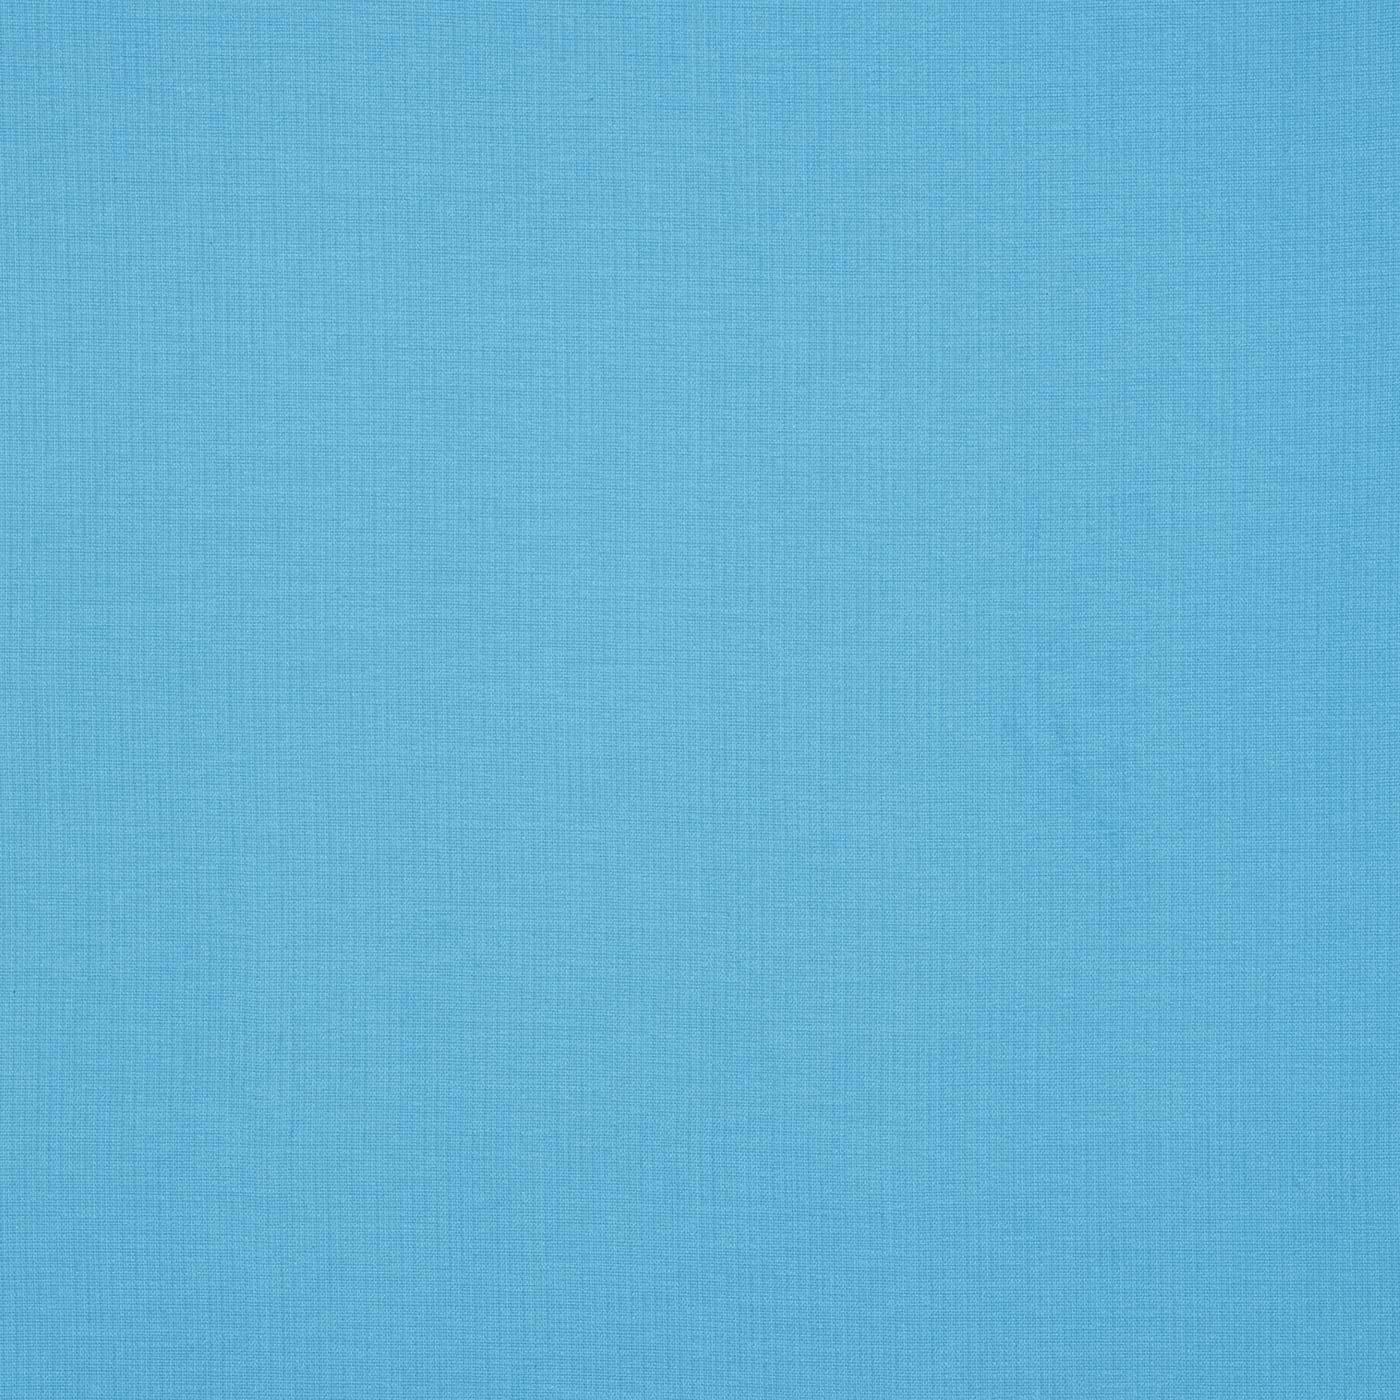 Oakley Azurre Blue